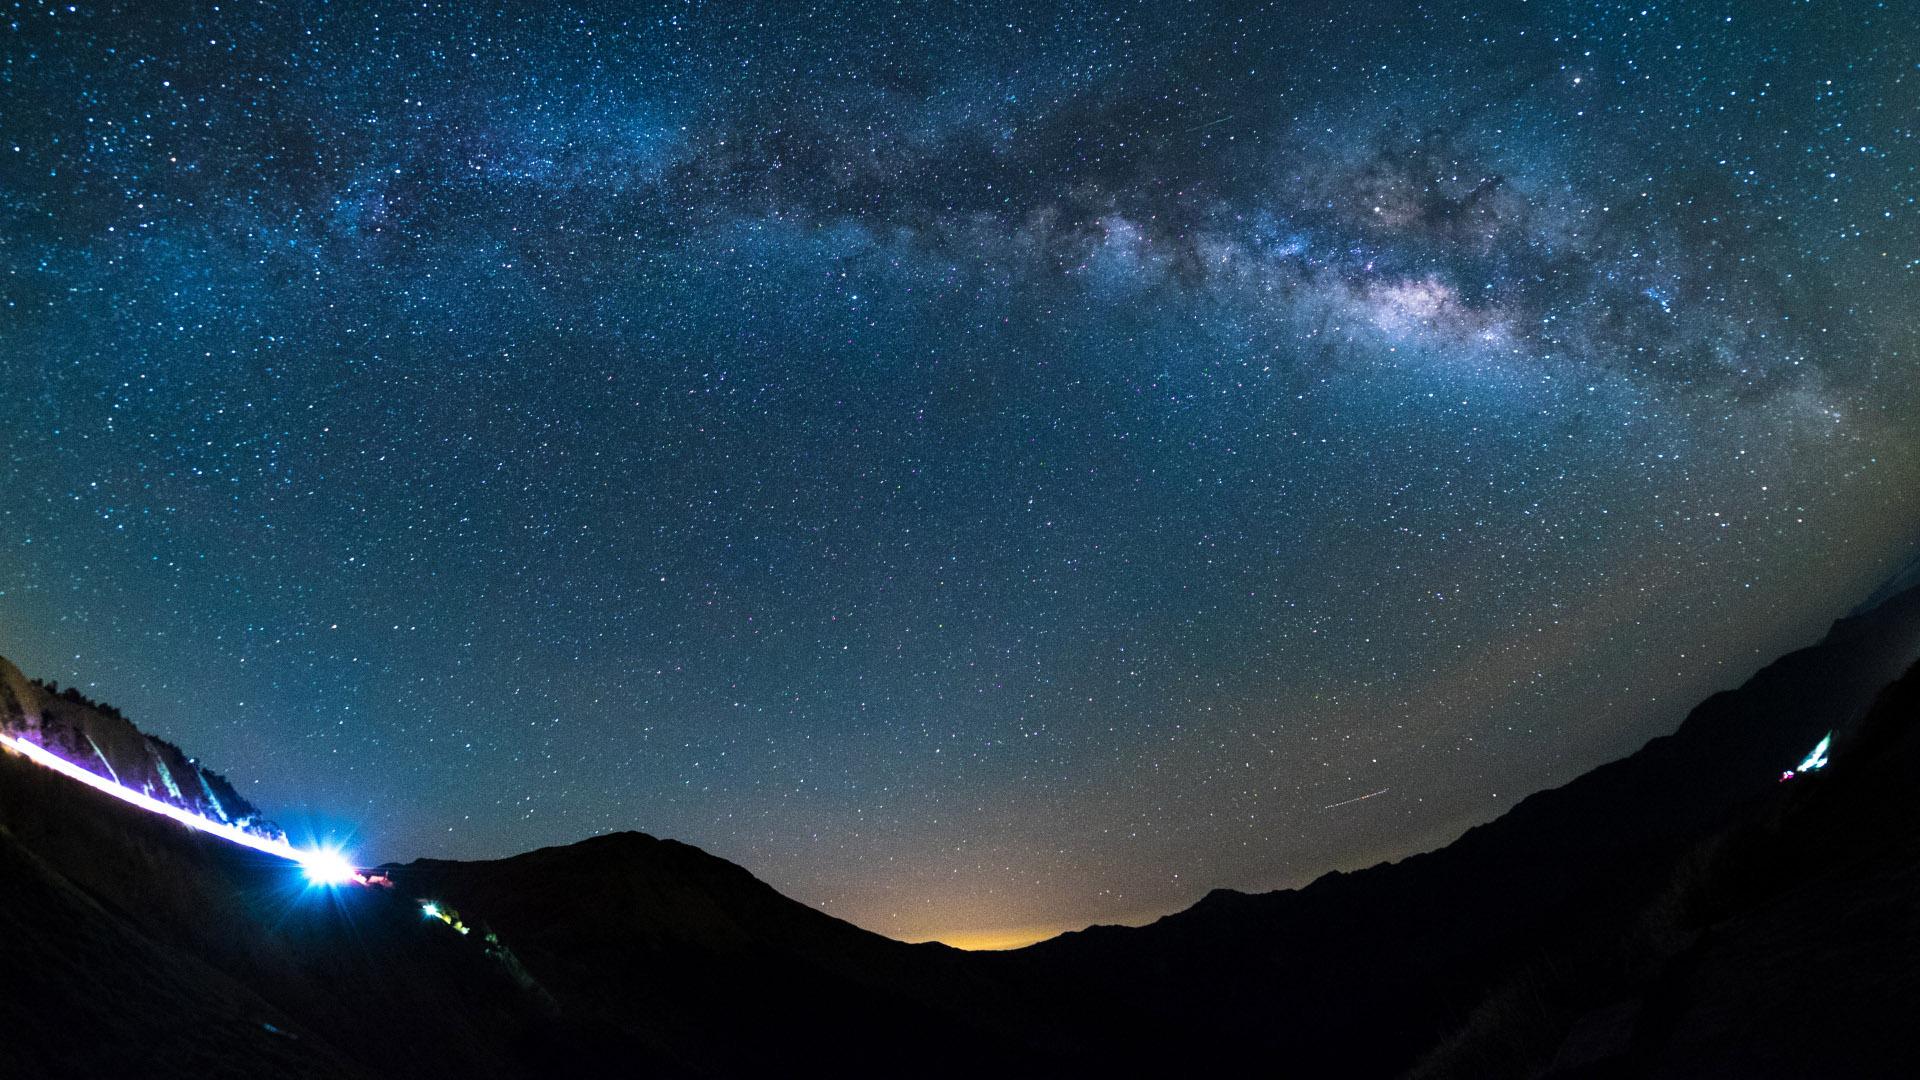 Красивые картинки космоса и звезд на рабочий стол - подборка №4 8